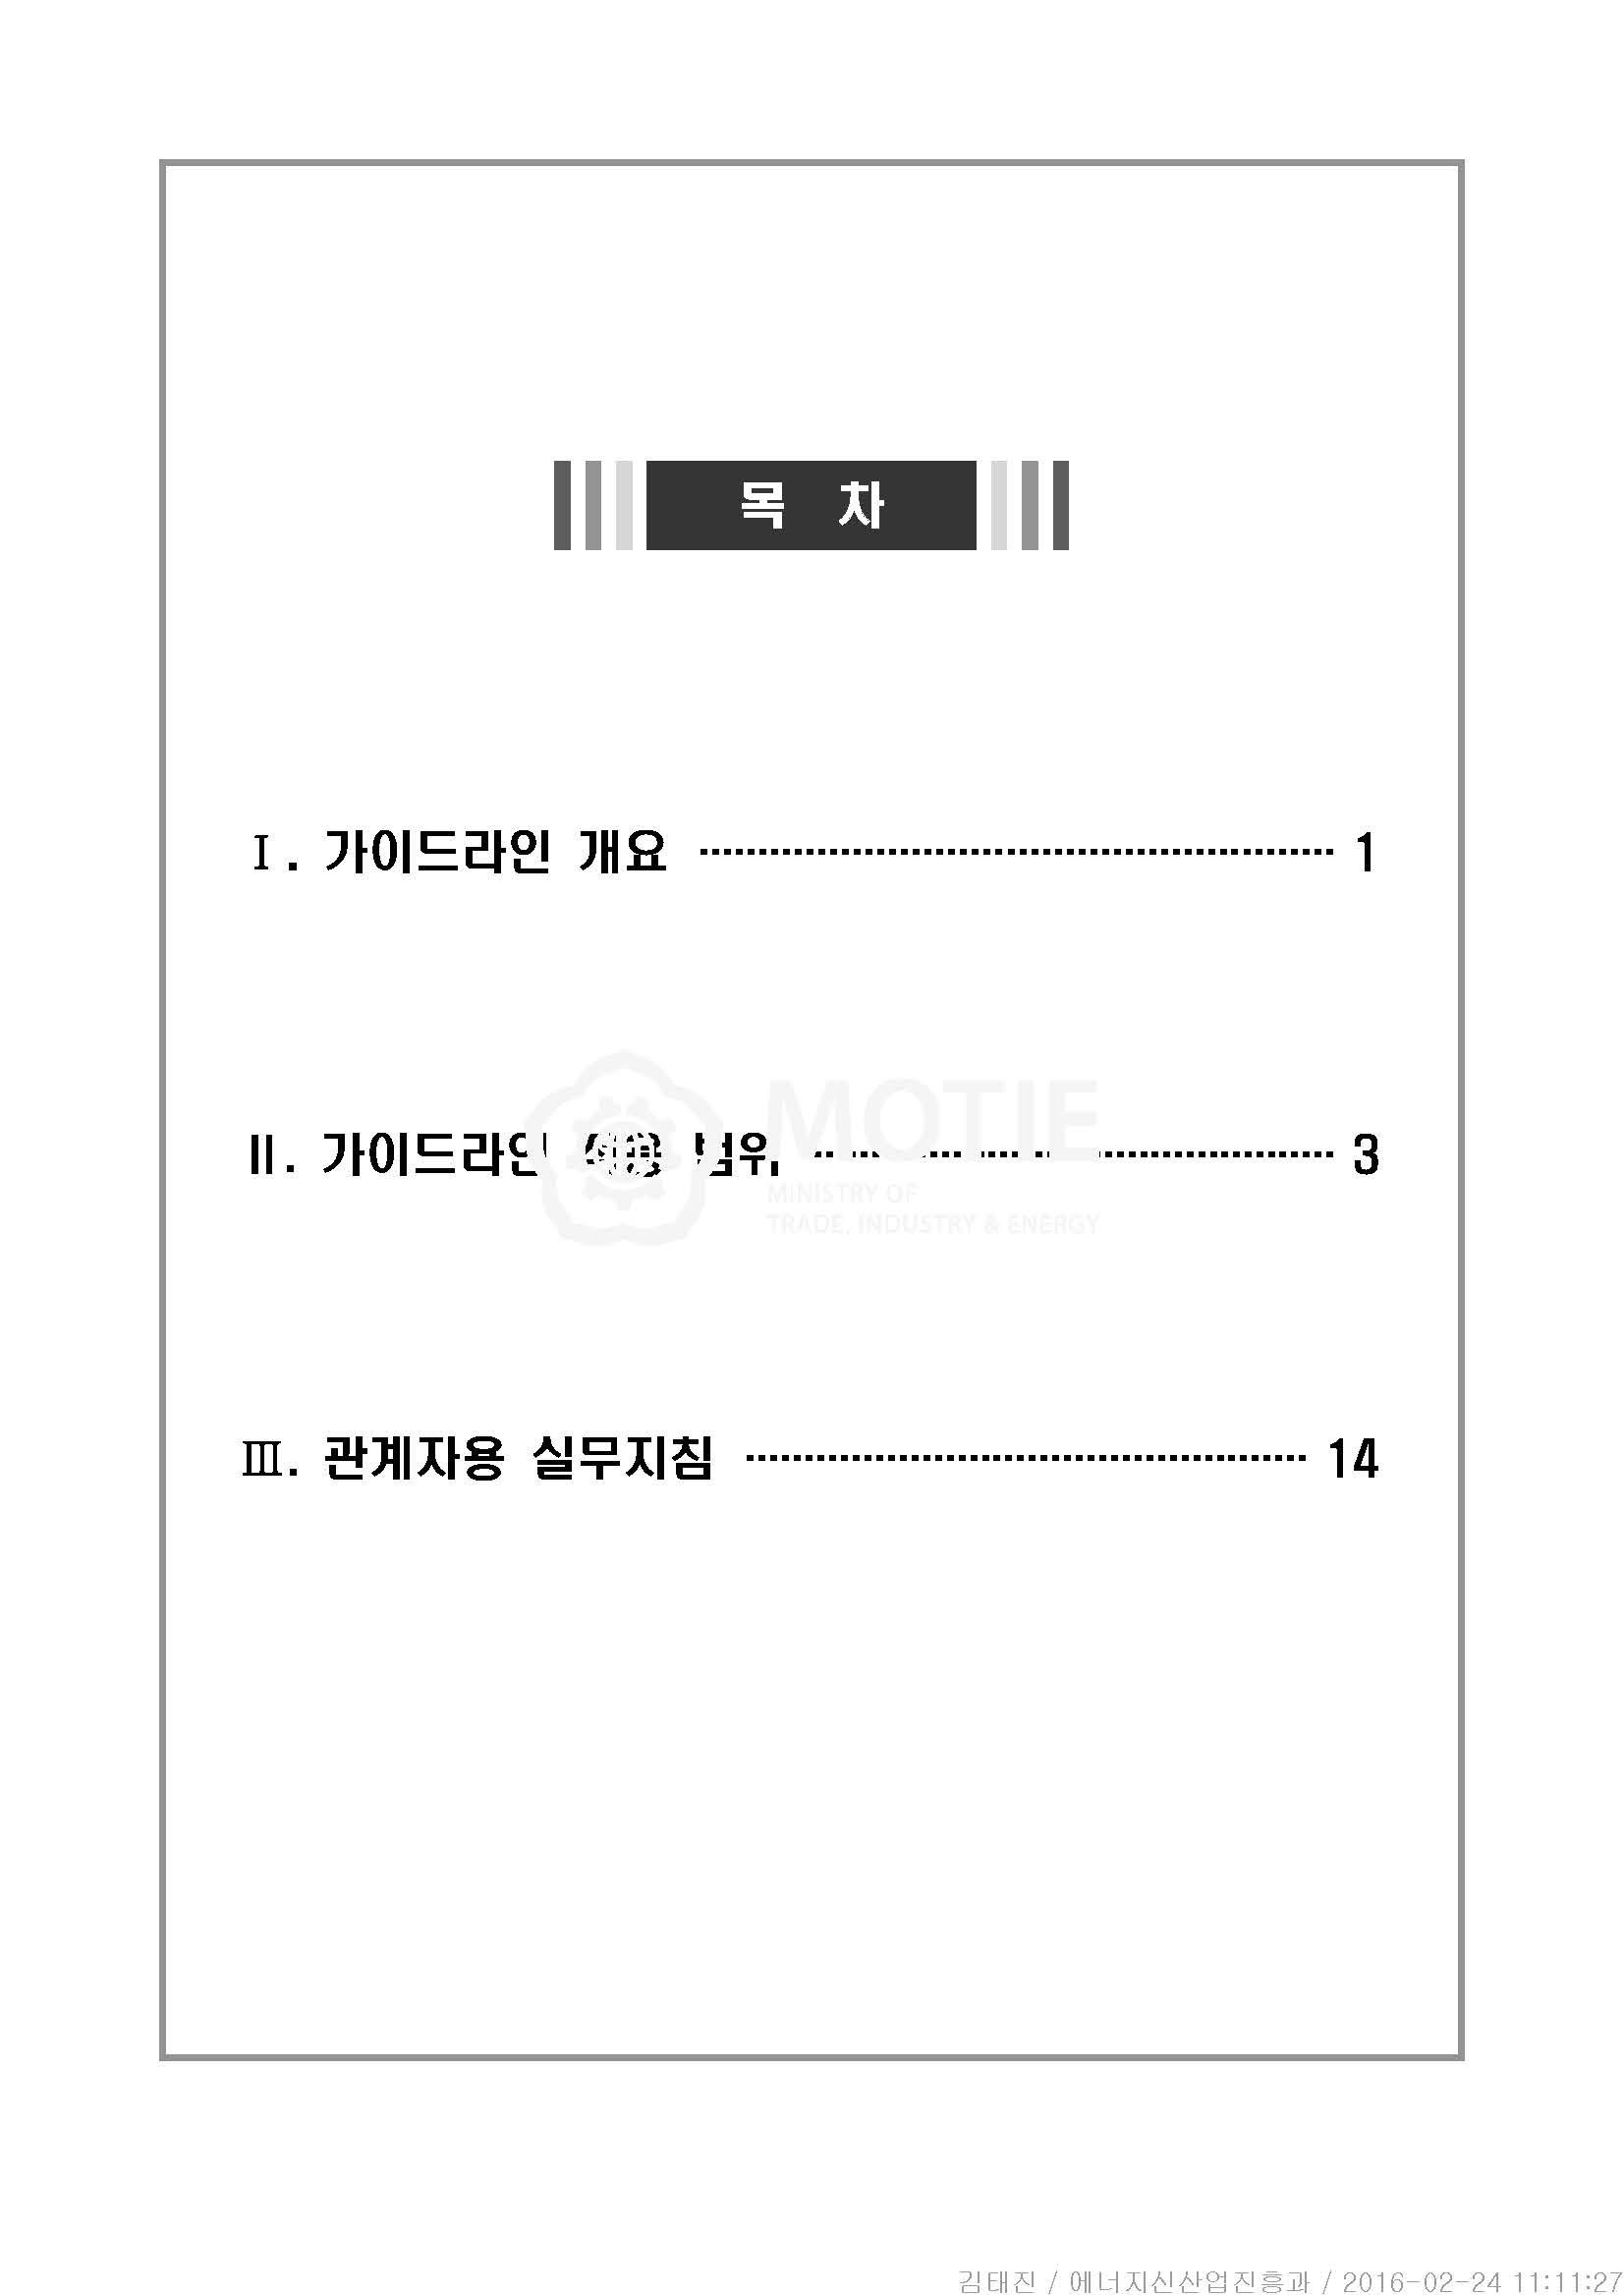 0224 (참고자료) 에너지신산업진흥과, 가이드라인 발표(붙임)_페이지_02.jpg